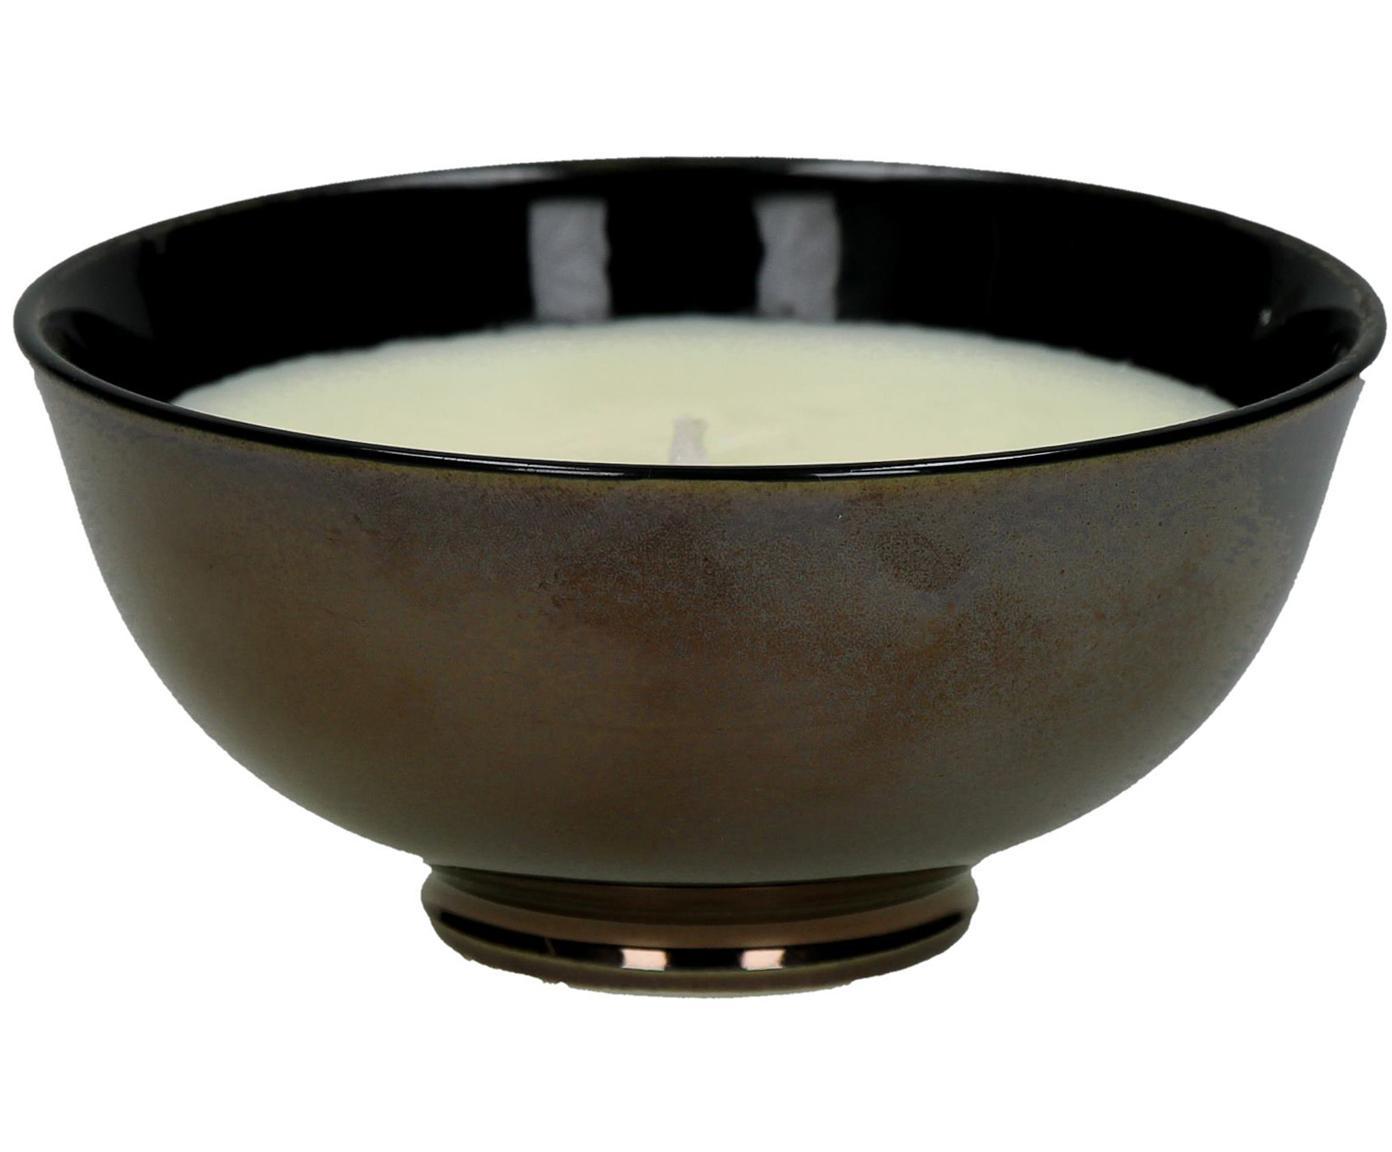 Vela perfumada Black Yasmin (jazmín), Recipiente: porcelana, Recipiente: marrón Vela: blanco, Ø 12 x Al 6 cm